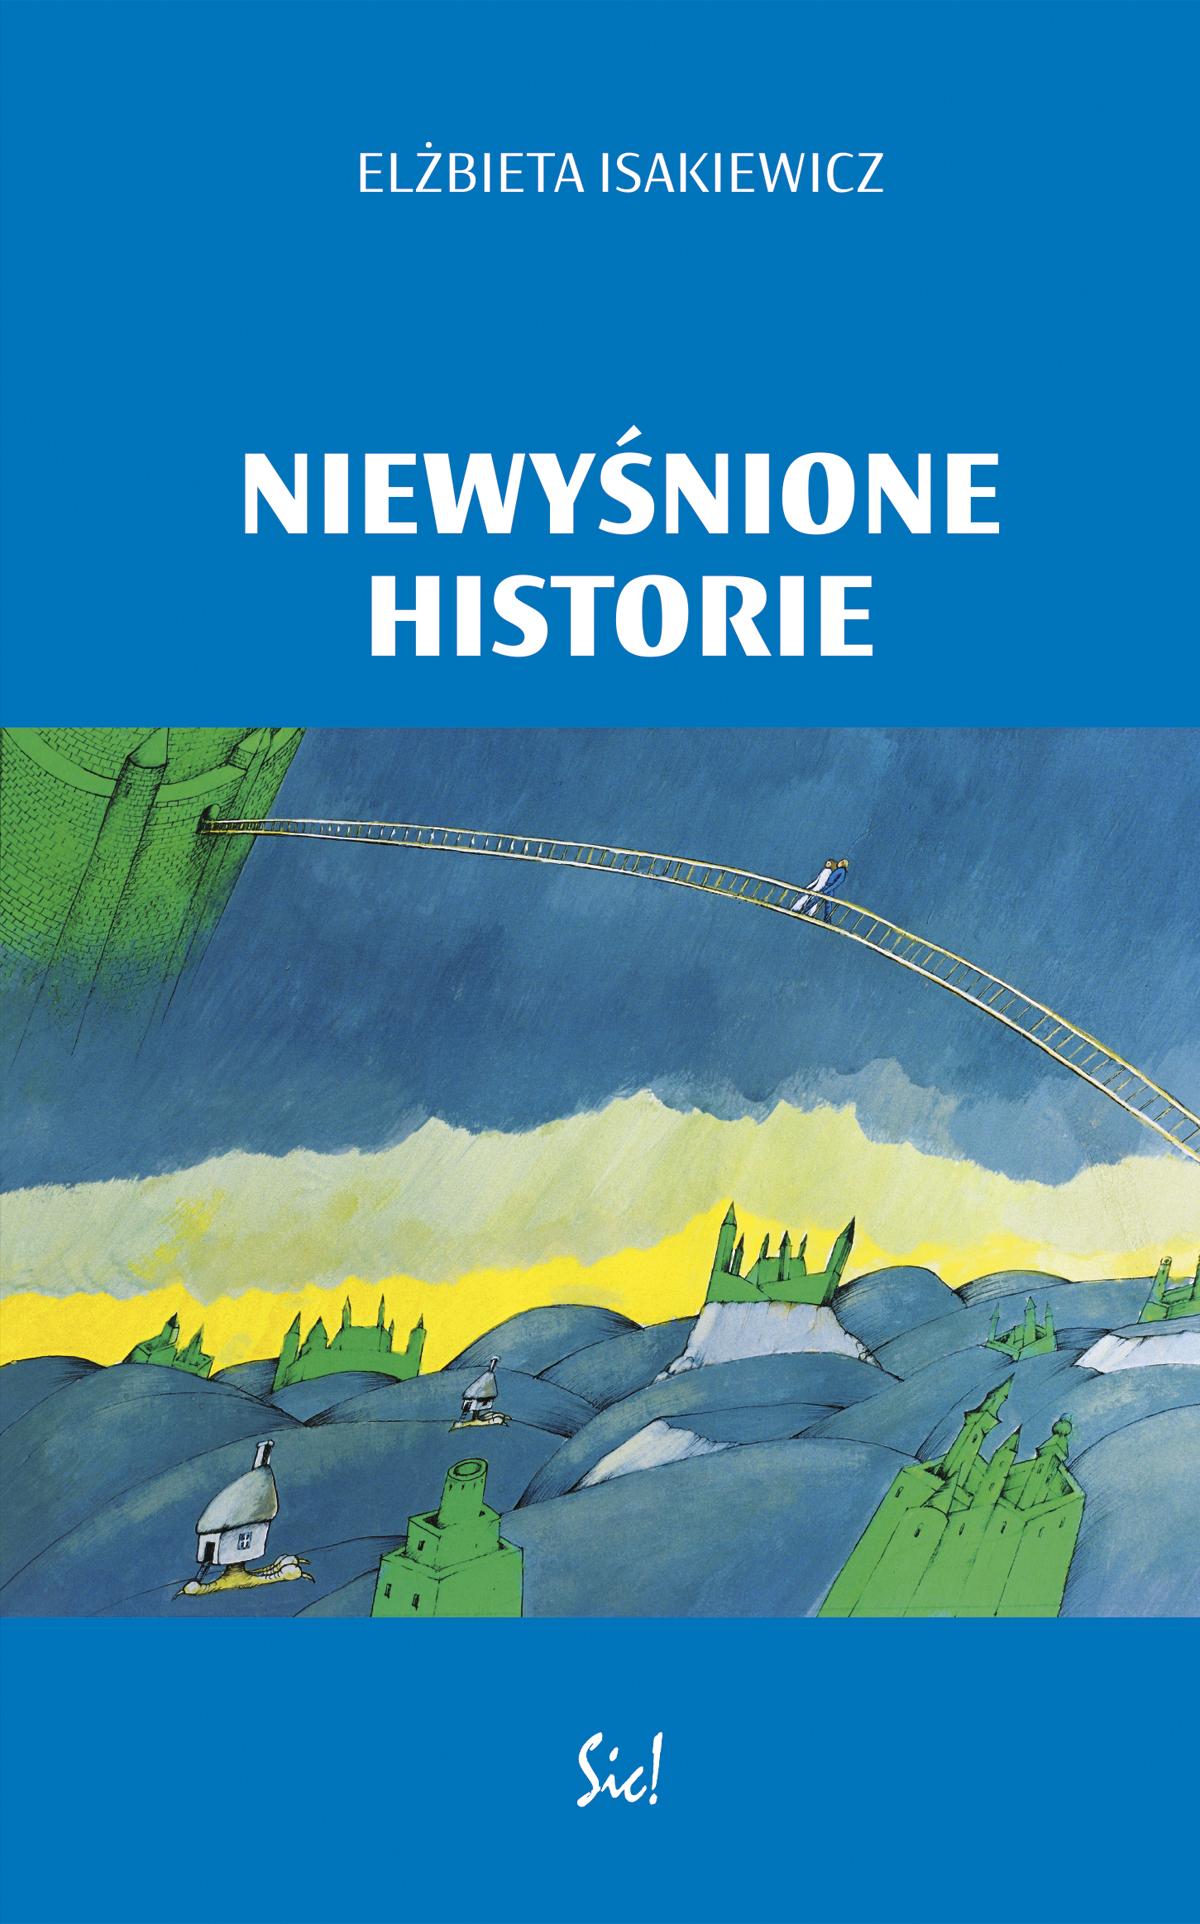 """Elżbieta Isakiewicz, """"Niewyśnione historie"""" – okładka (źródło: materiały prasowe)"""